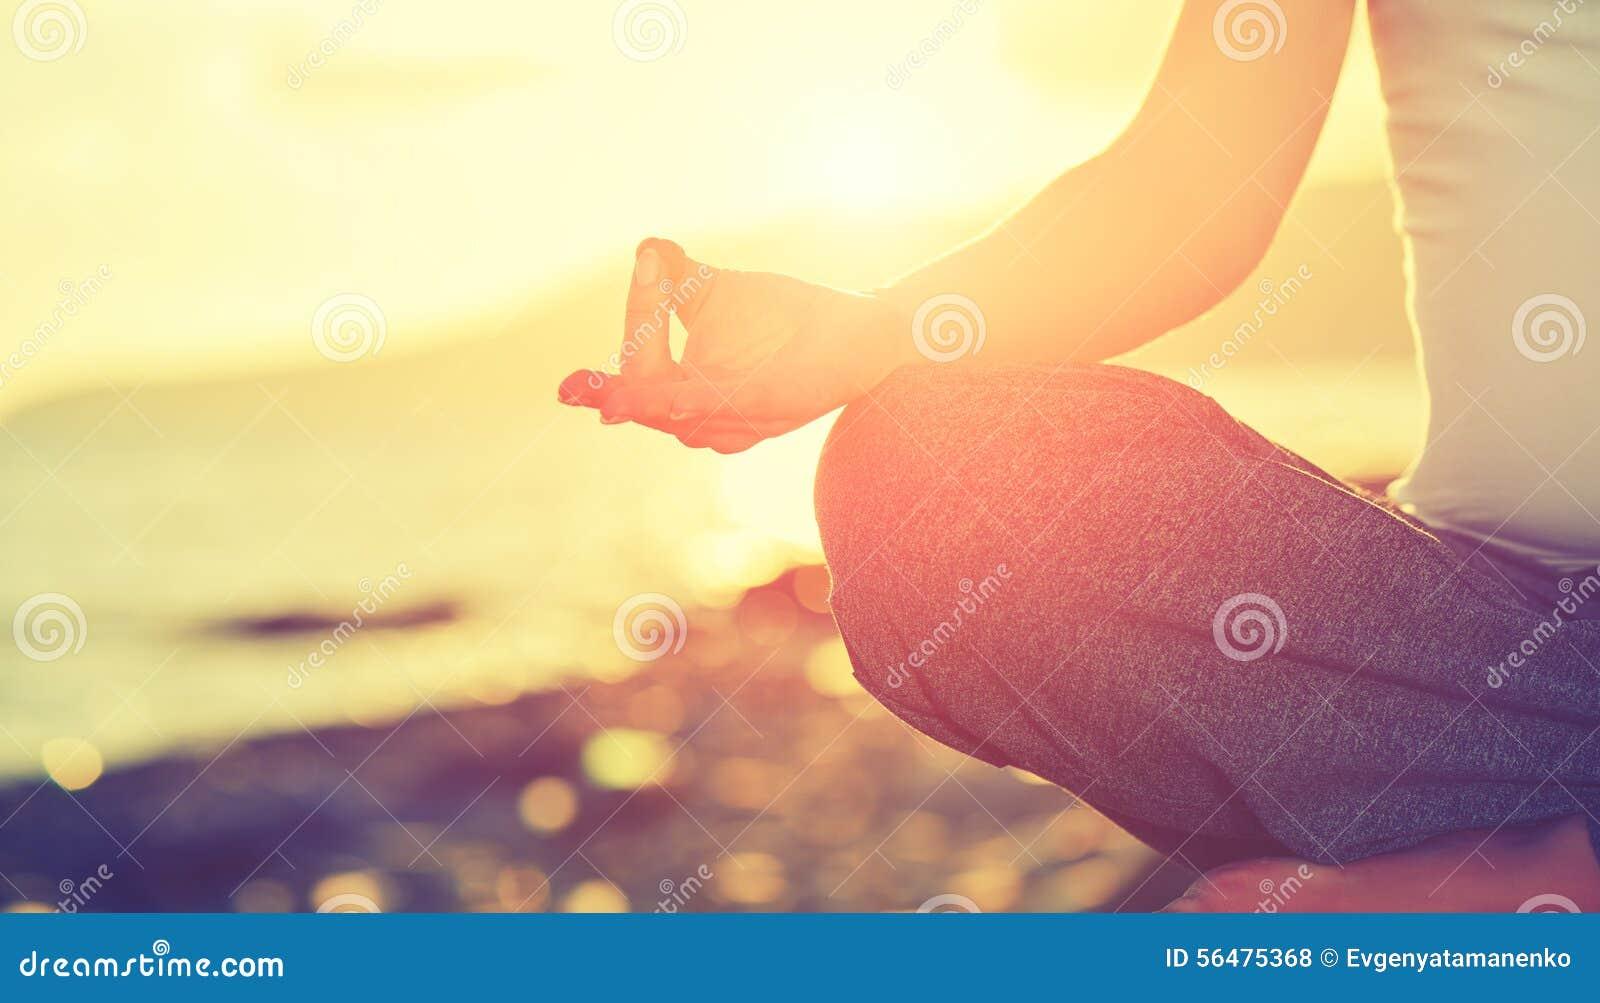 Concept de yoga pose de pratique de lotus de femme de main sur la plage